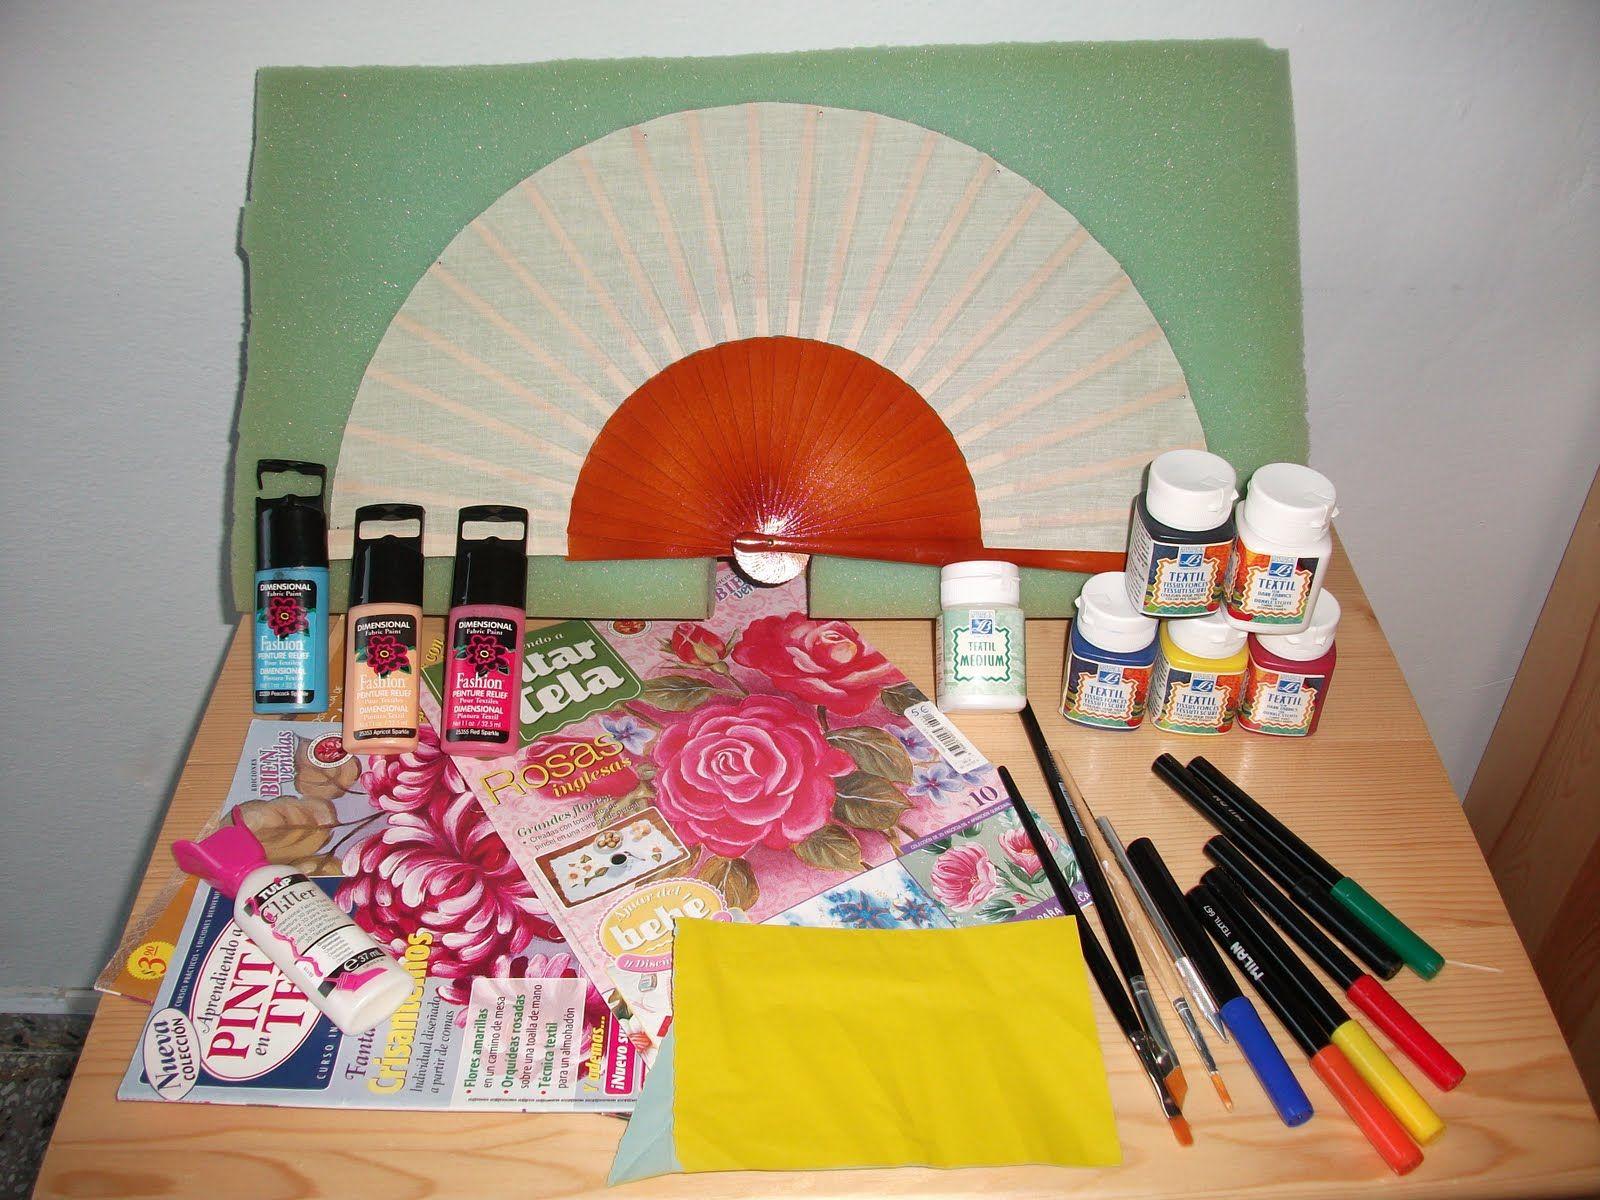 Imagenes de dibujos para pintar en tela de abanicos - Como pintar abanicos ...